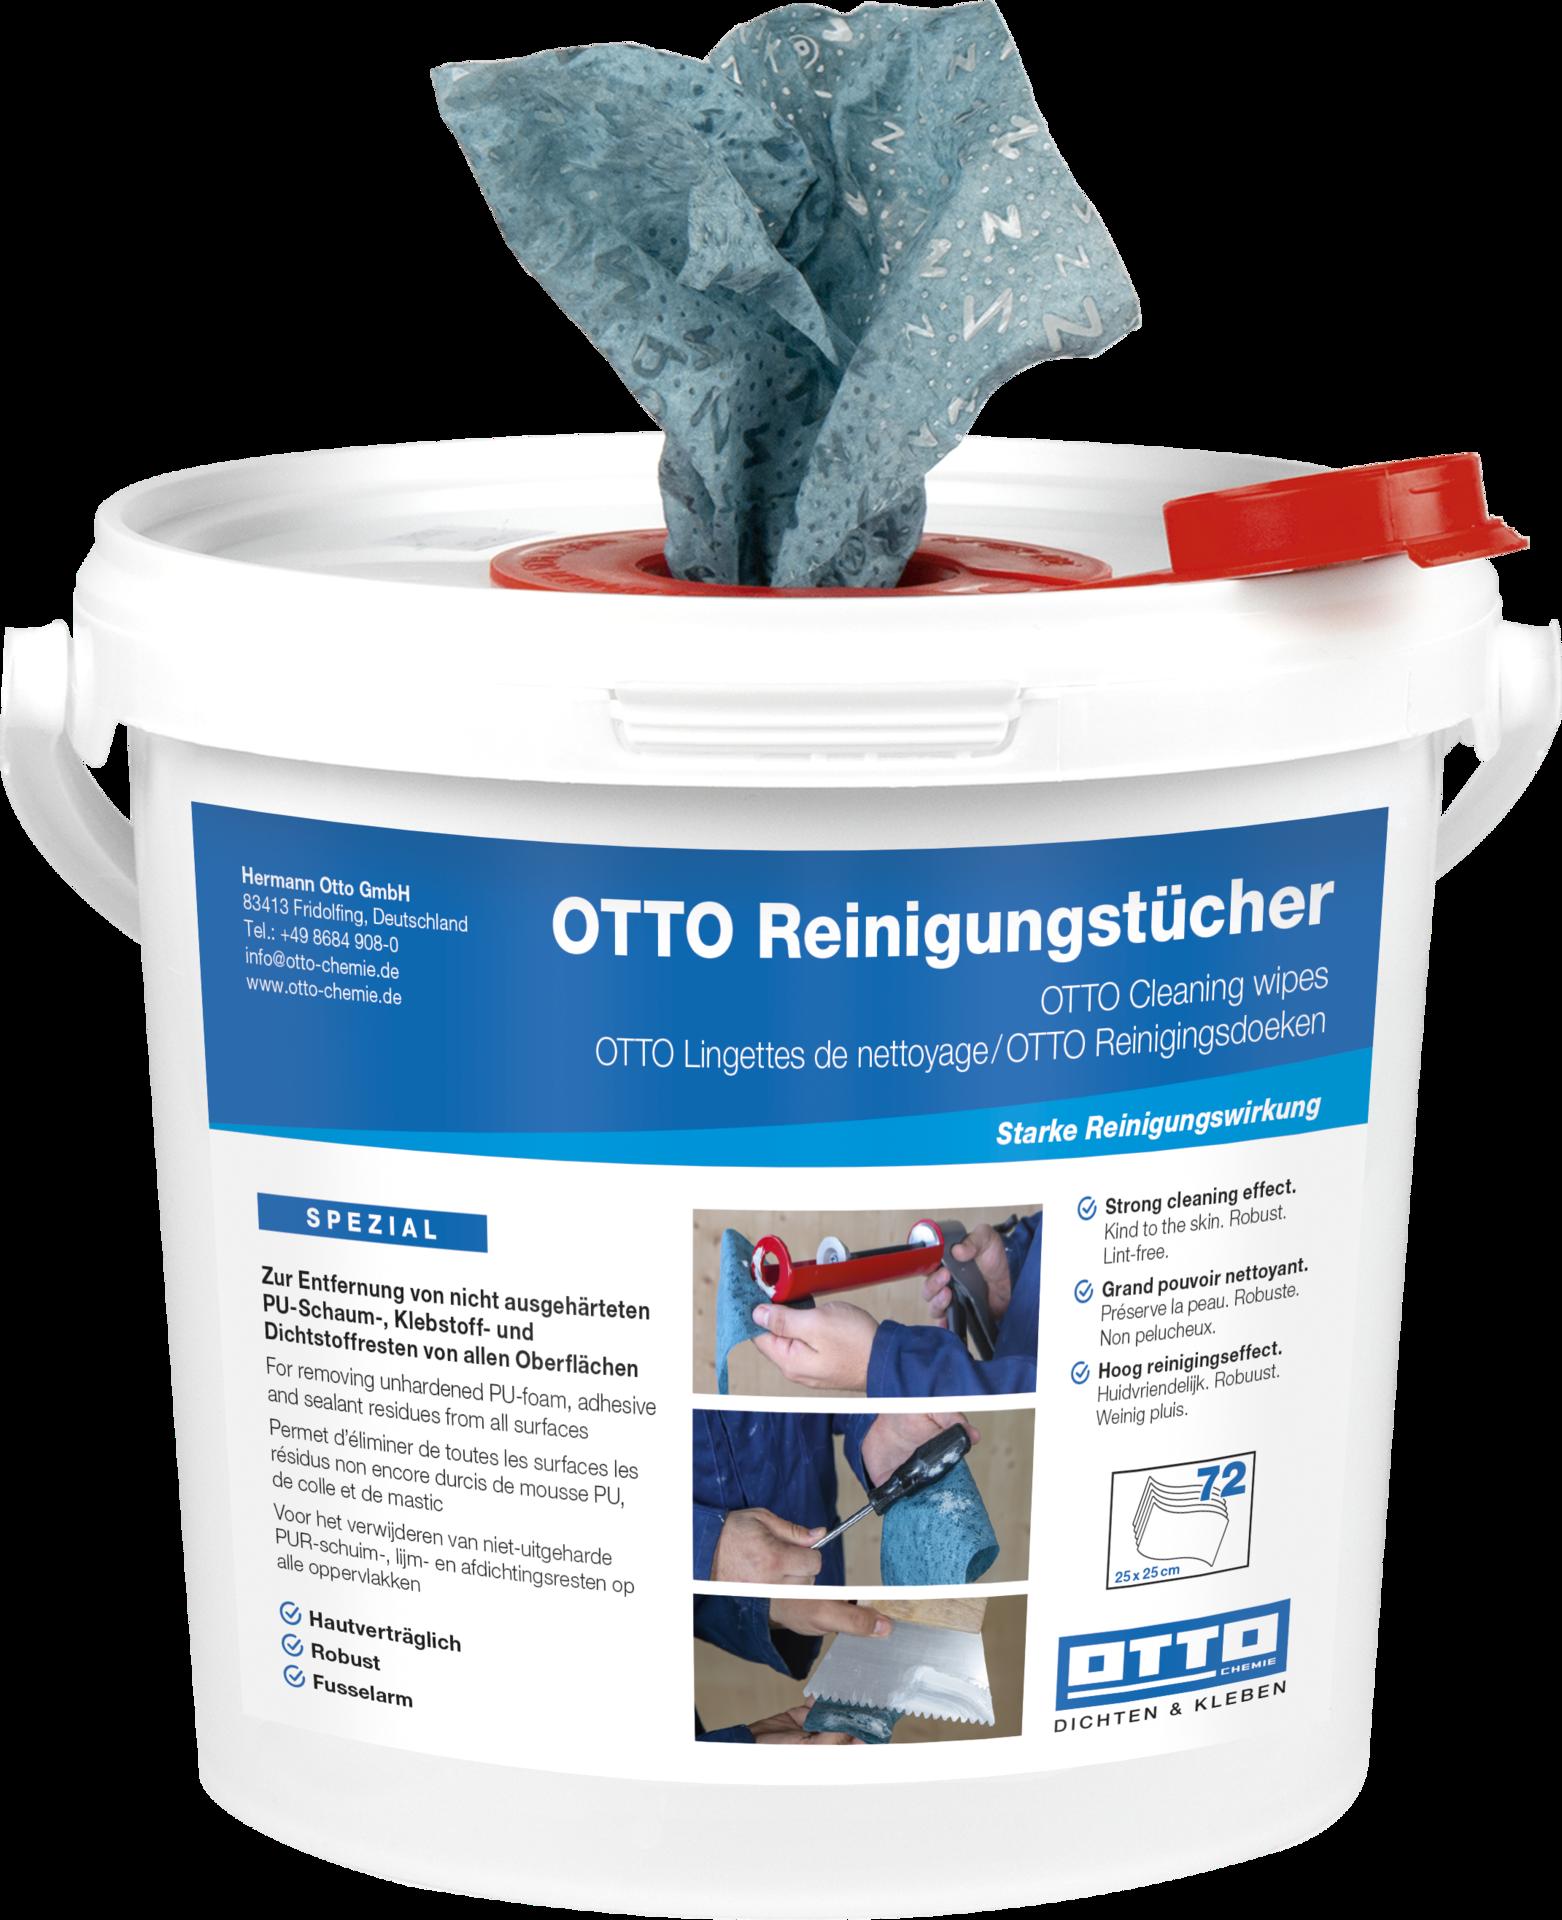 OTTO Reinigungstücher 72 Stk.